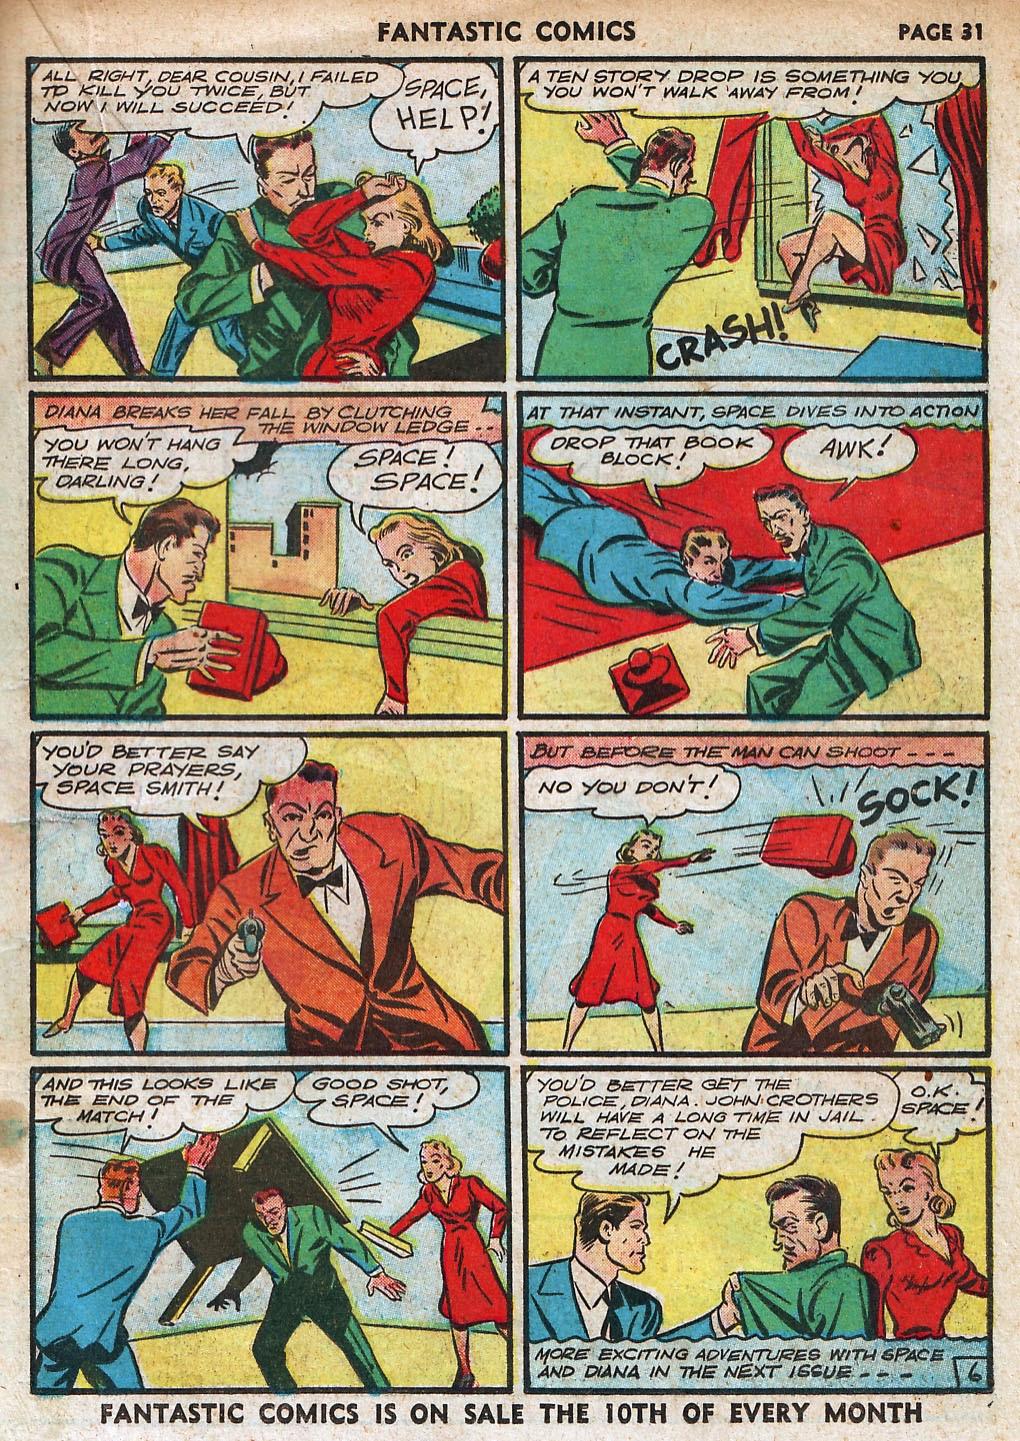 Read online Fantastic Comics comic -  Issue #18 - 33